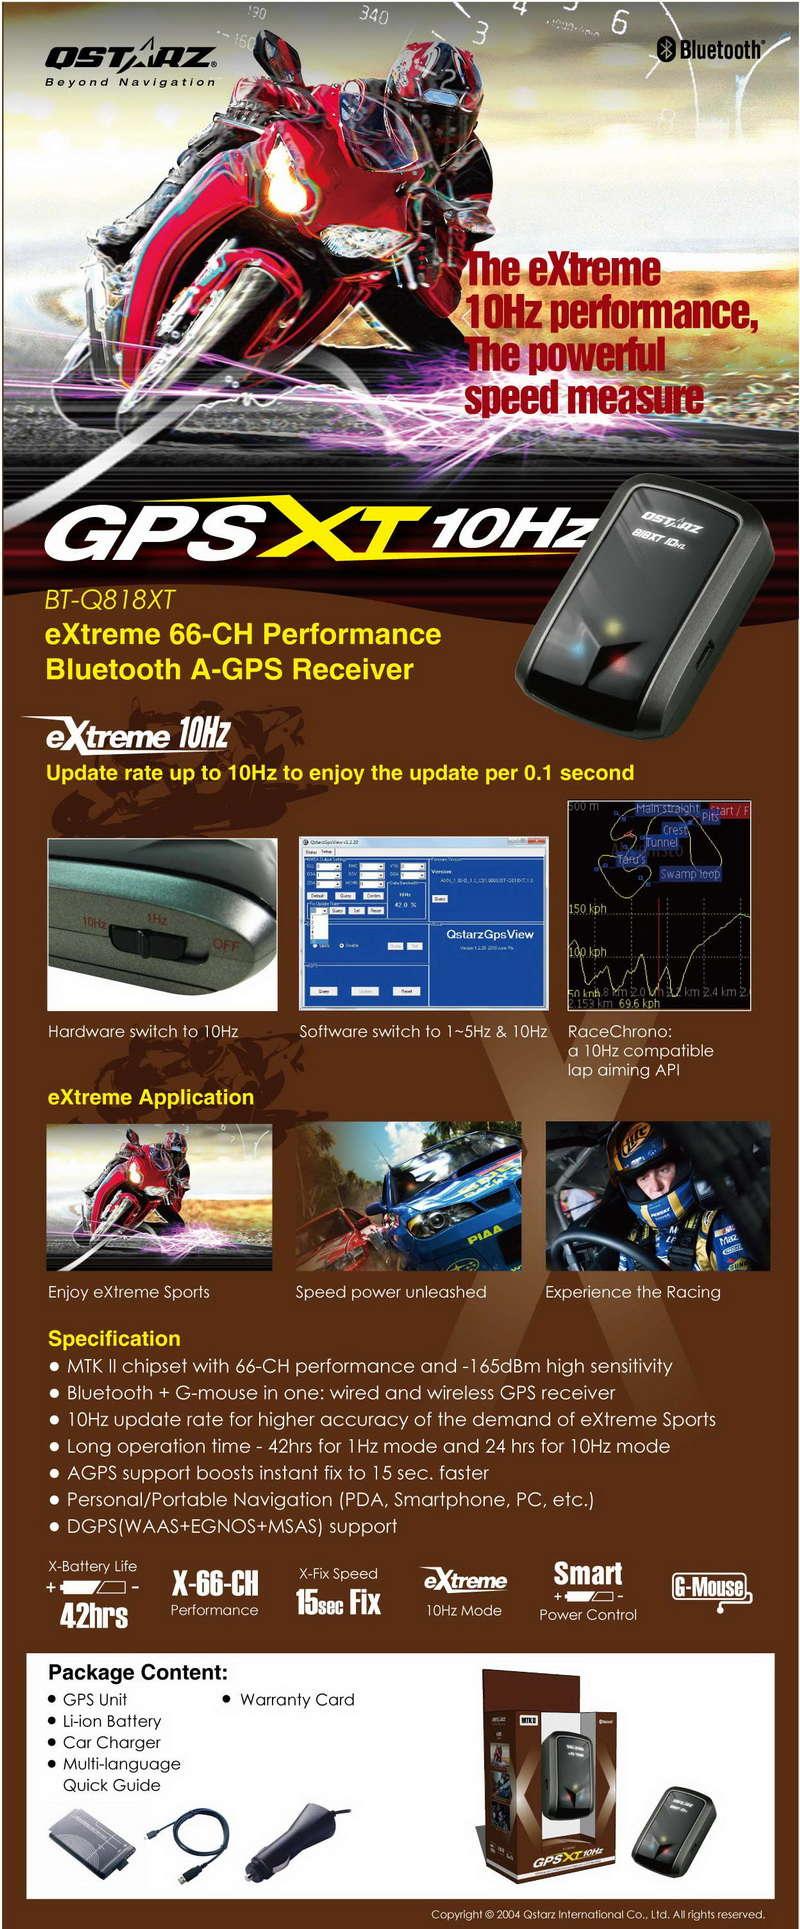 Récepteur GPS pour RaceChrono Q818xt10